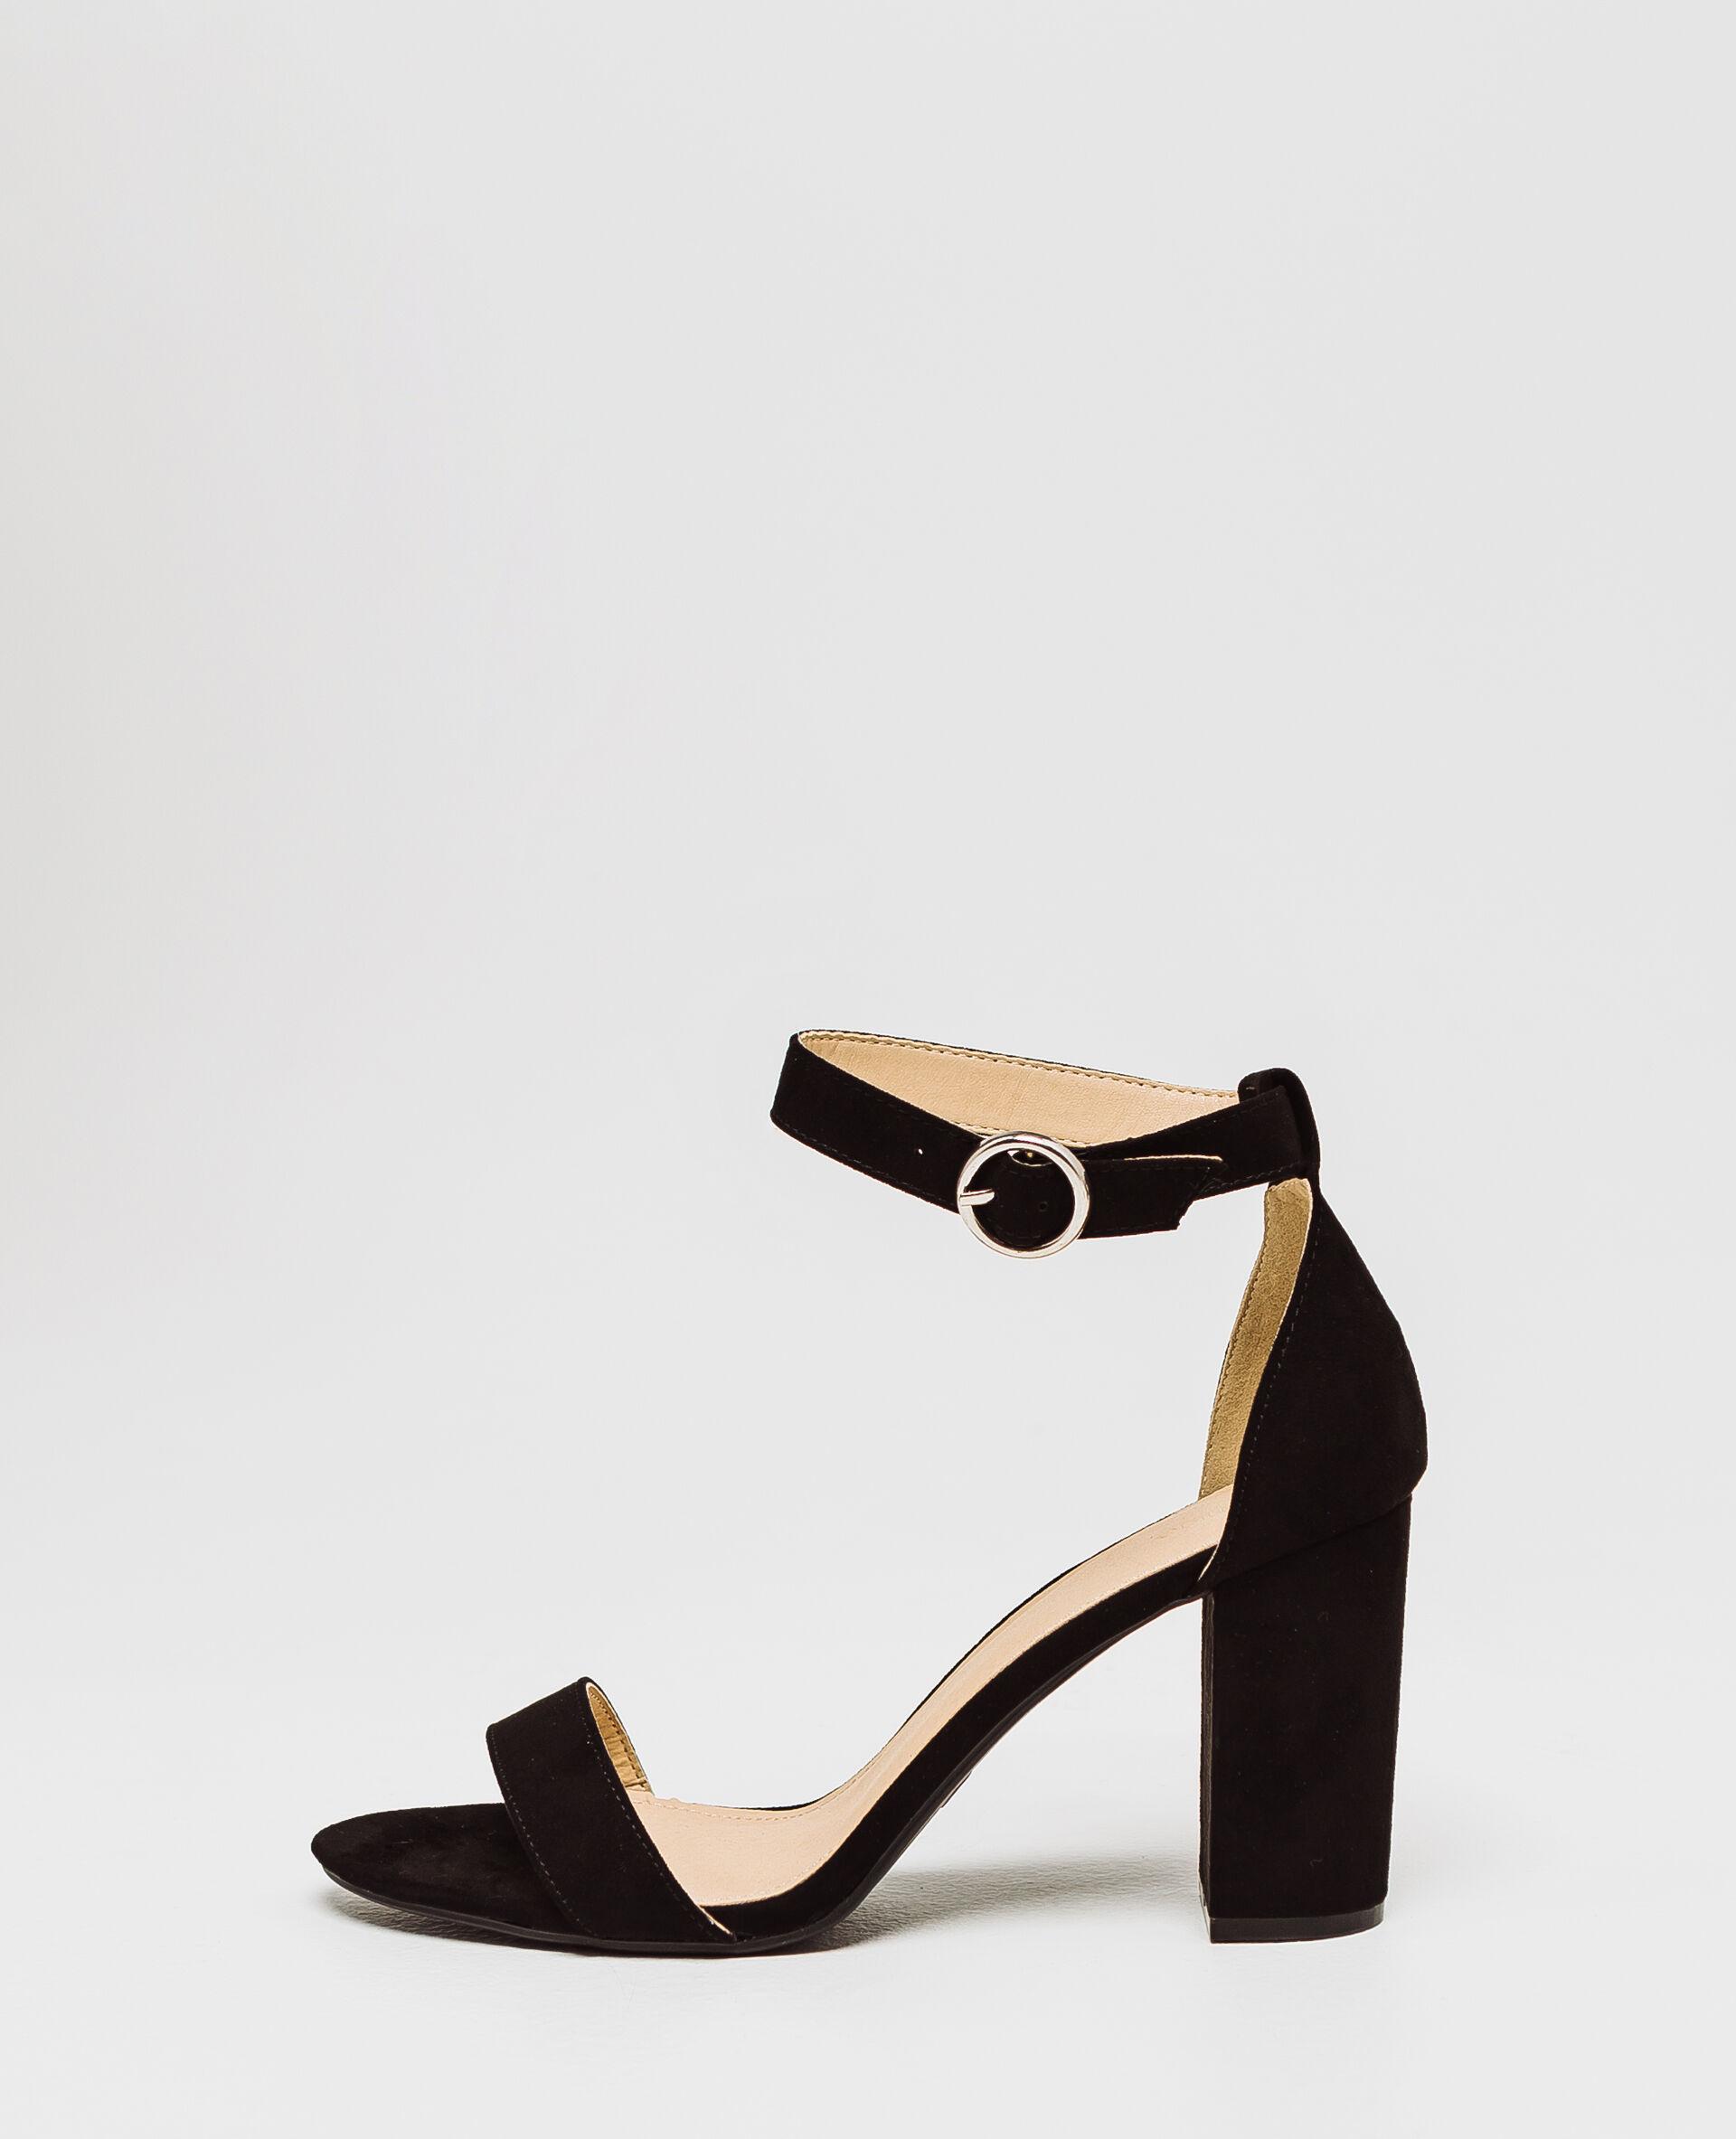 Recherche chaussures pour femme original [PUNIQRANDLINE-(au-dating-names.txt) 68